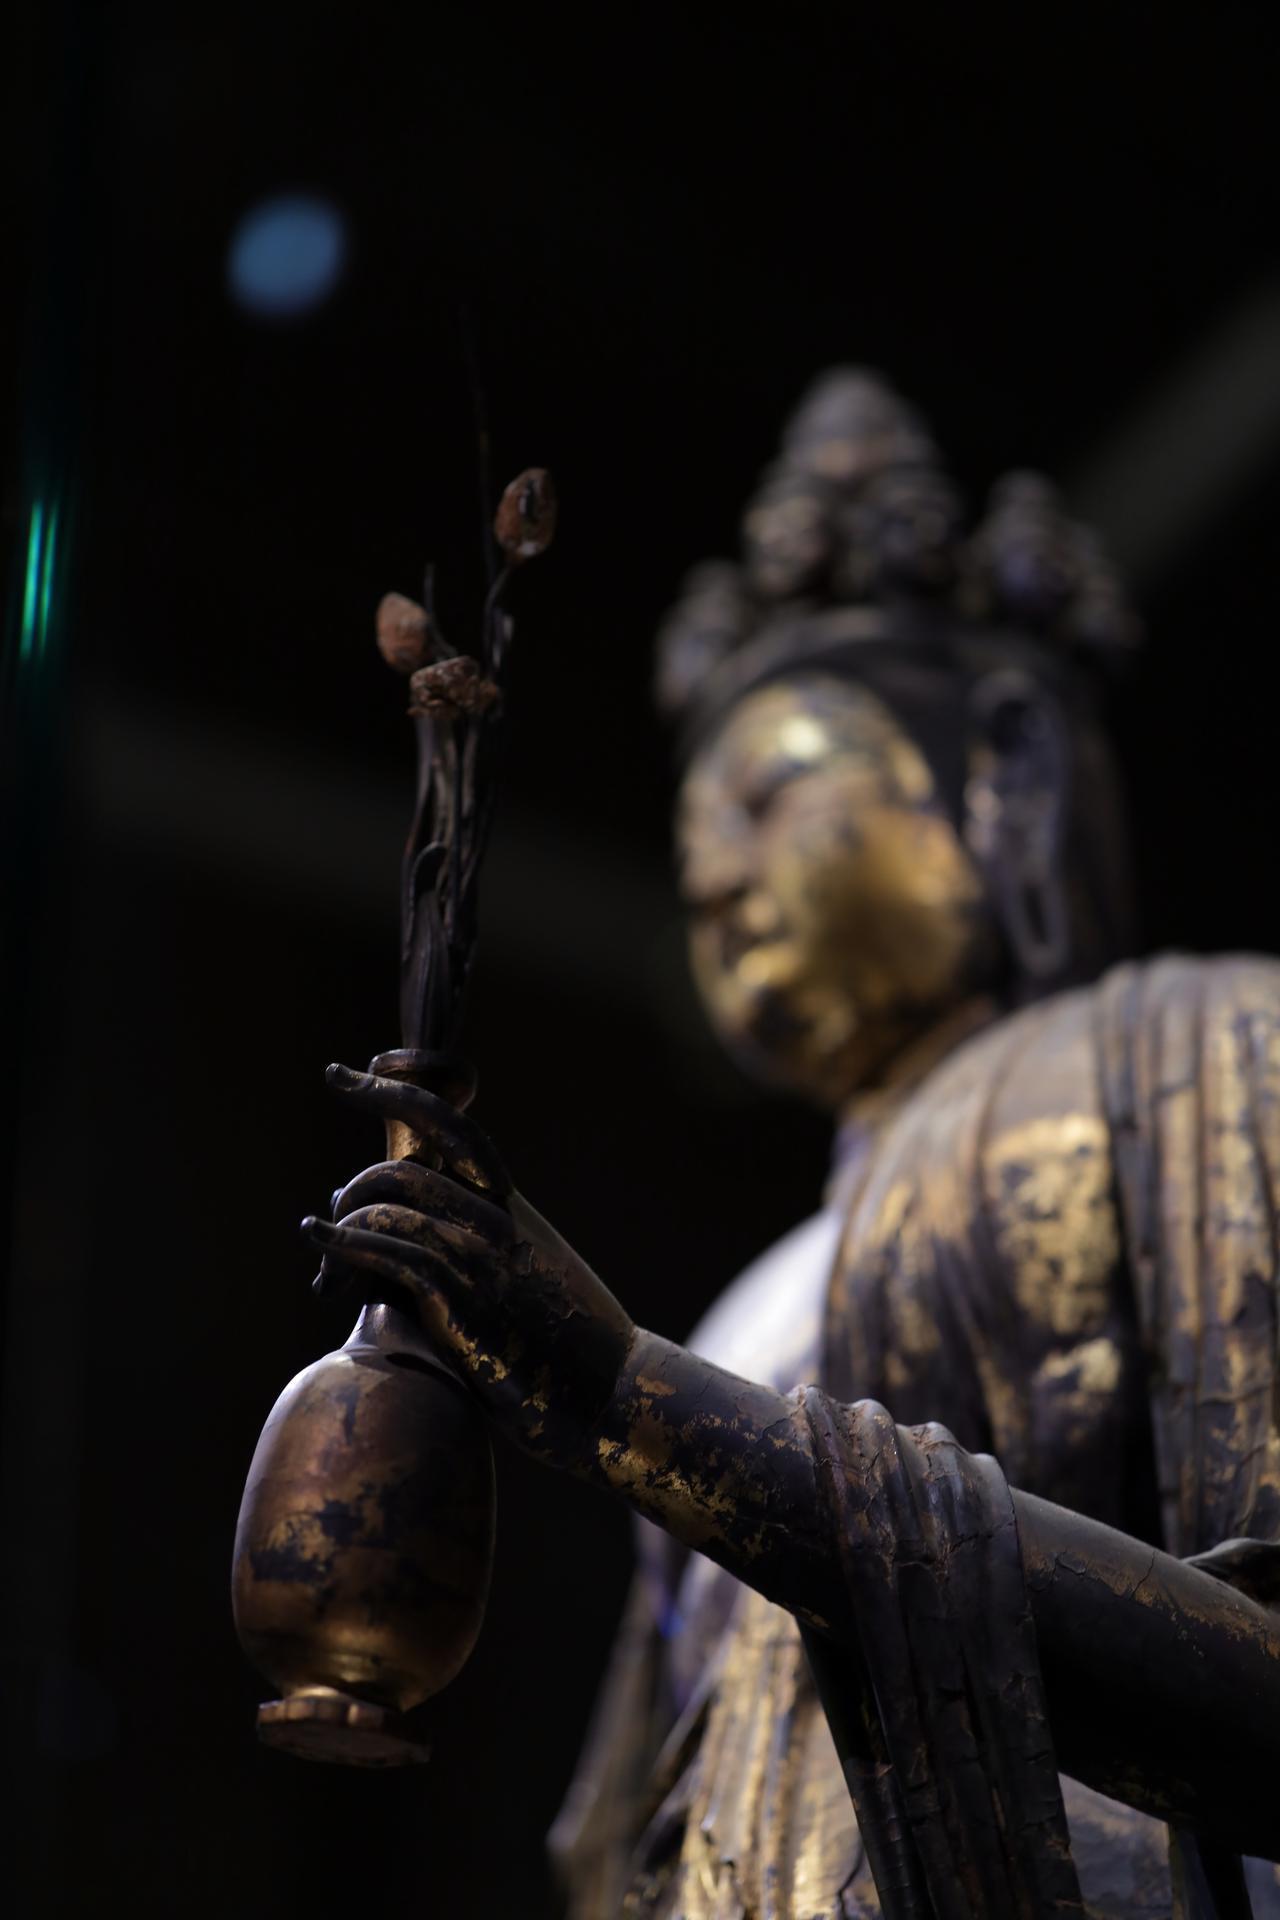 画像: 国宝 十一面観音菩薩立像 (部分) 奈良時代・8世紀 奈良・聖林寺蔵 指は針金を芯に漆にして指の曲げ具合を作り、ペーストを盛り上げて成形されている